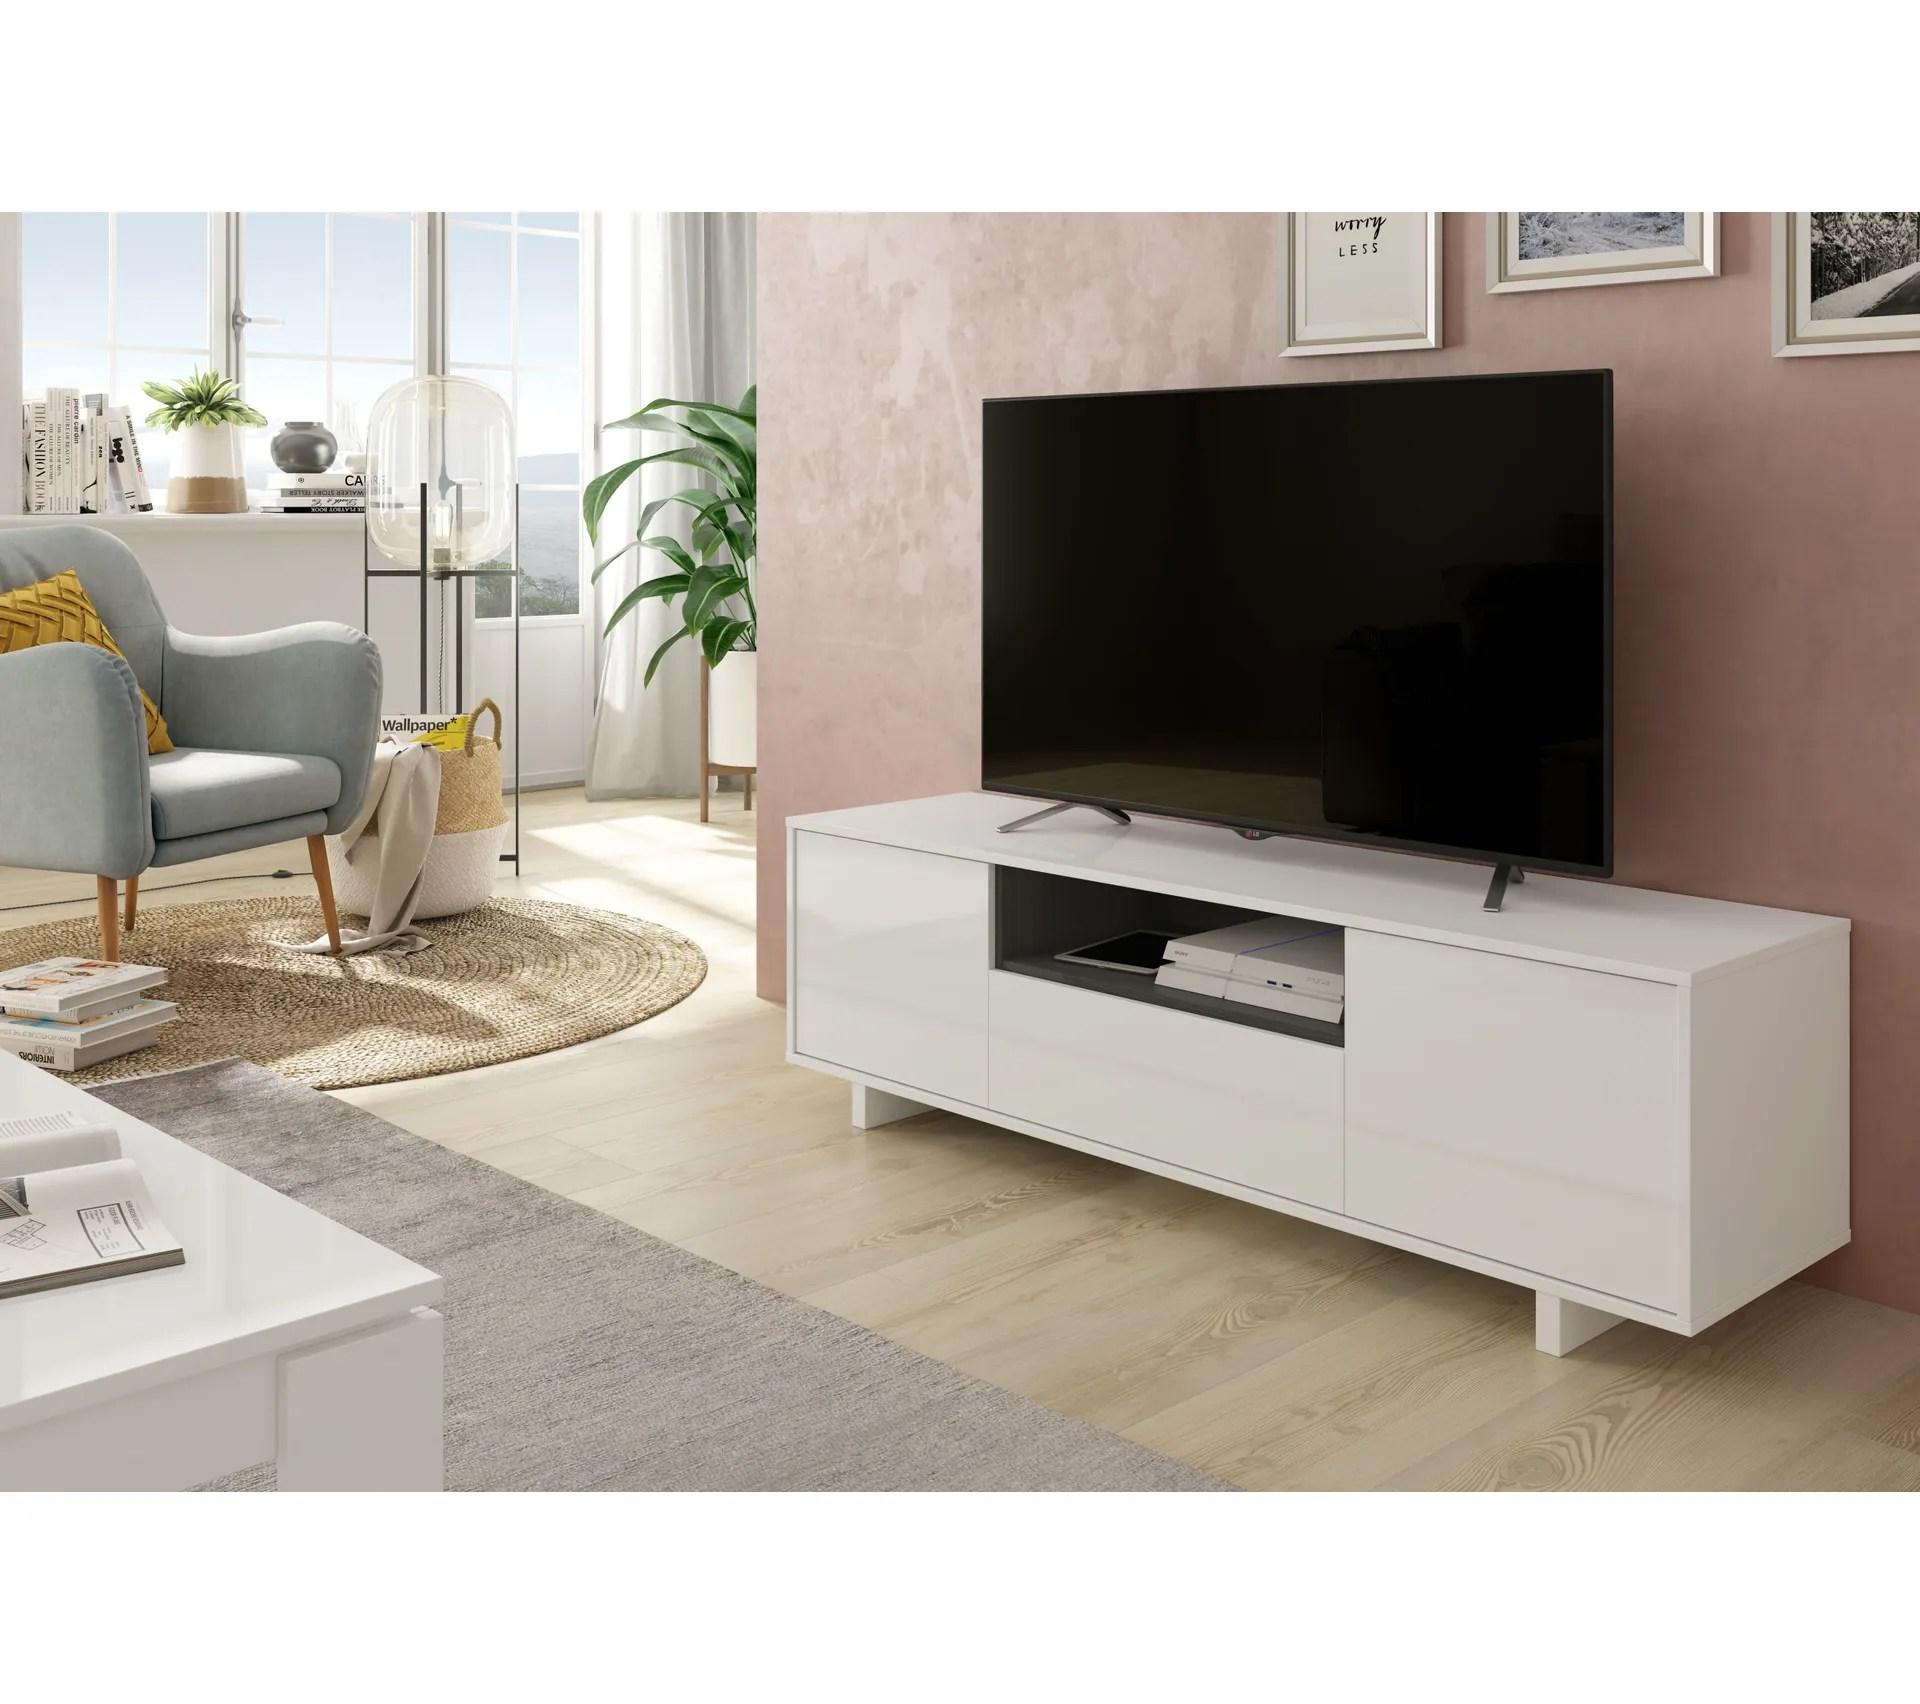 meuble tv ivar blanc et gris